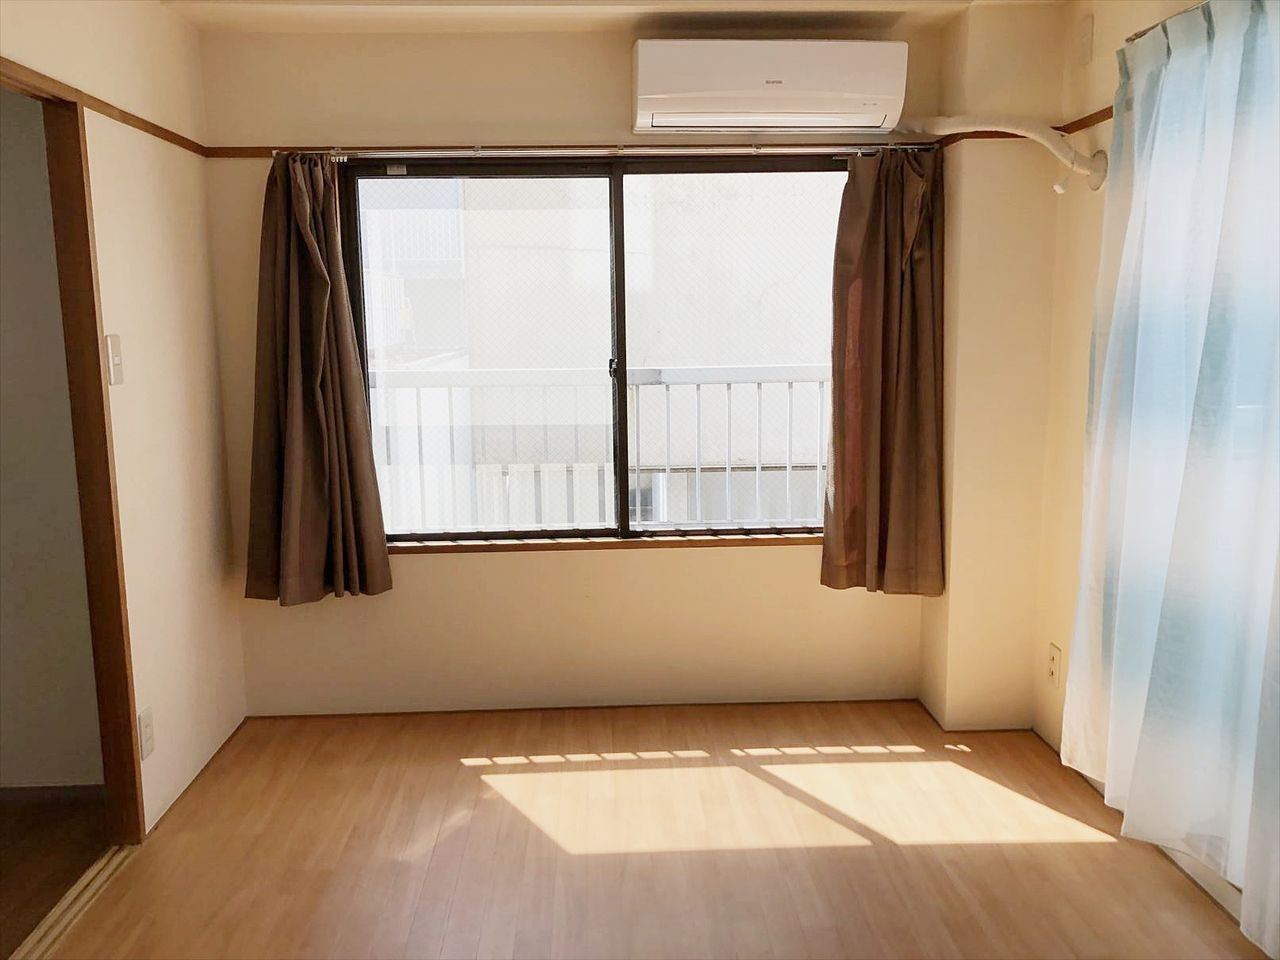 和室を洋室にリフォームしたお部屋は南側に窓があり明るいです